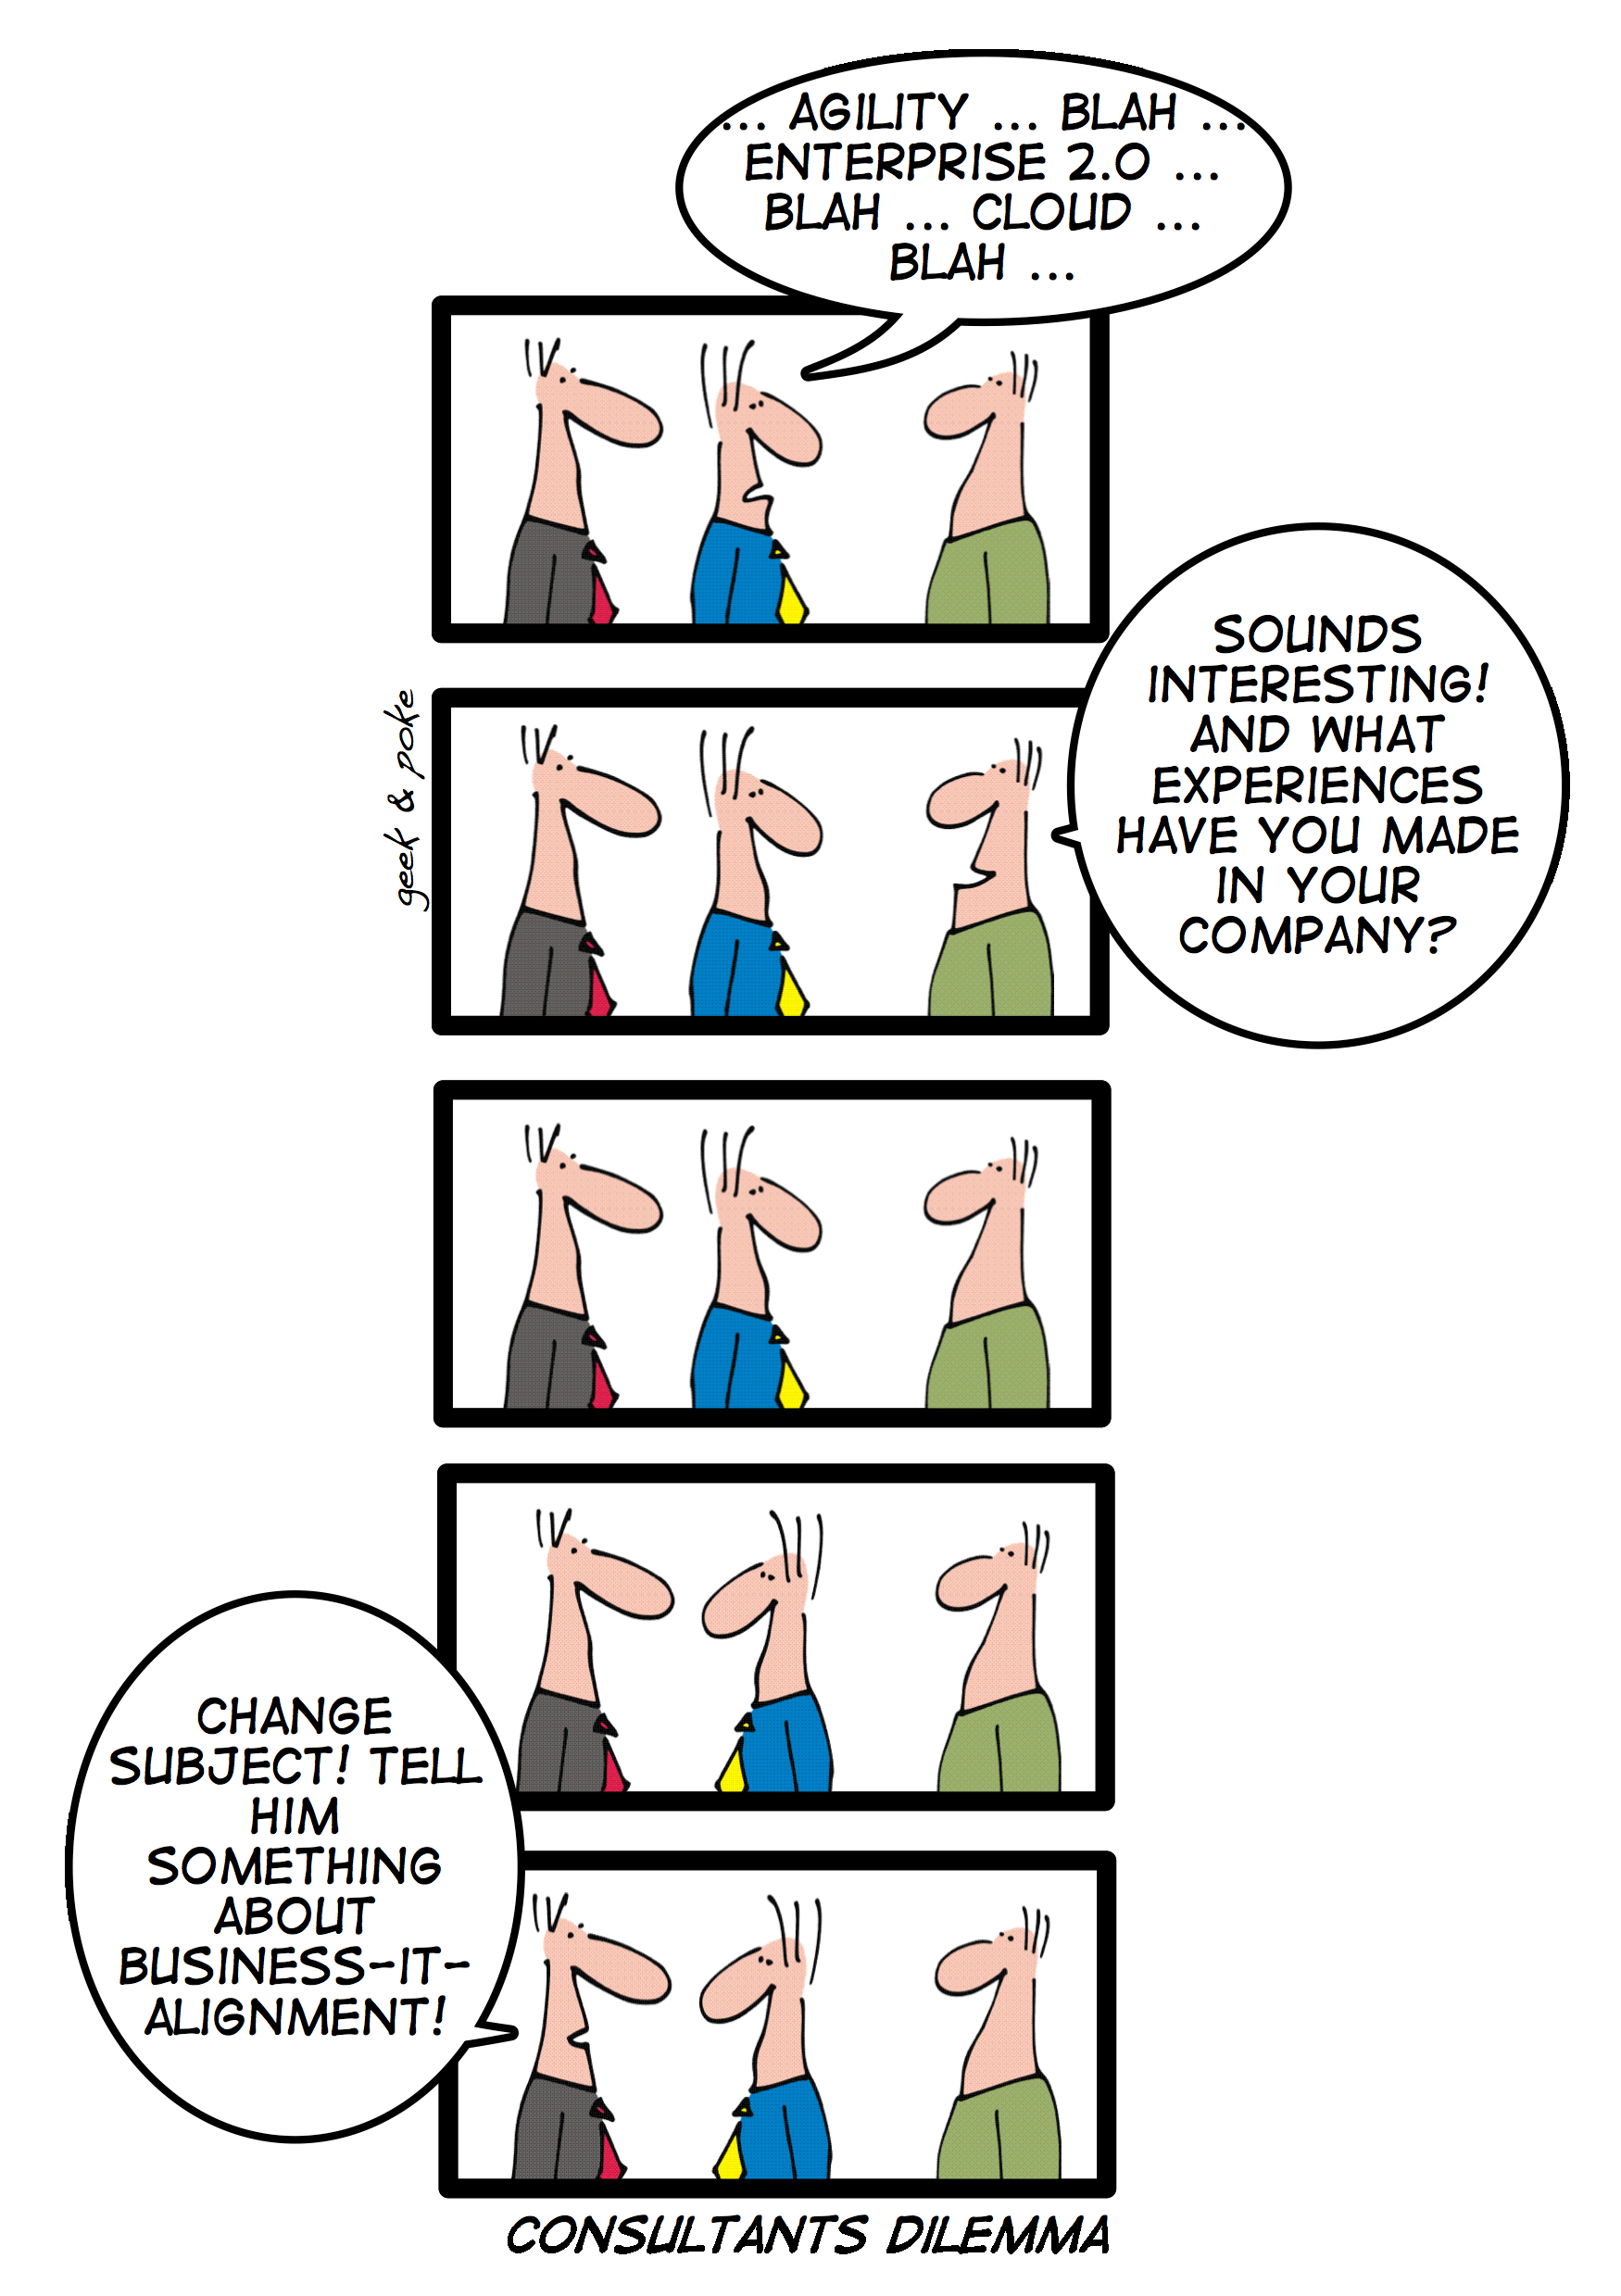 Geek & Poke Consultants Dilemma